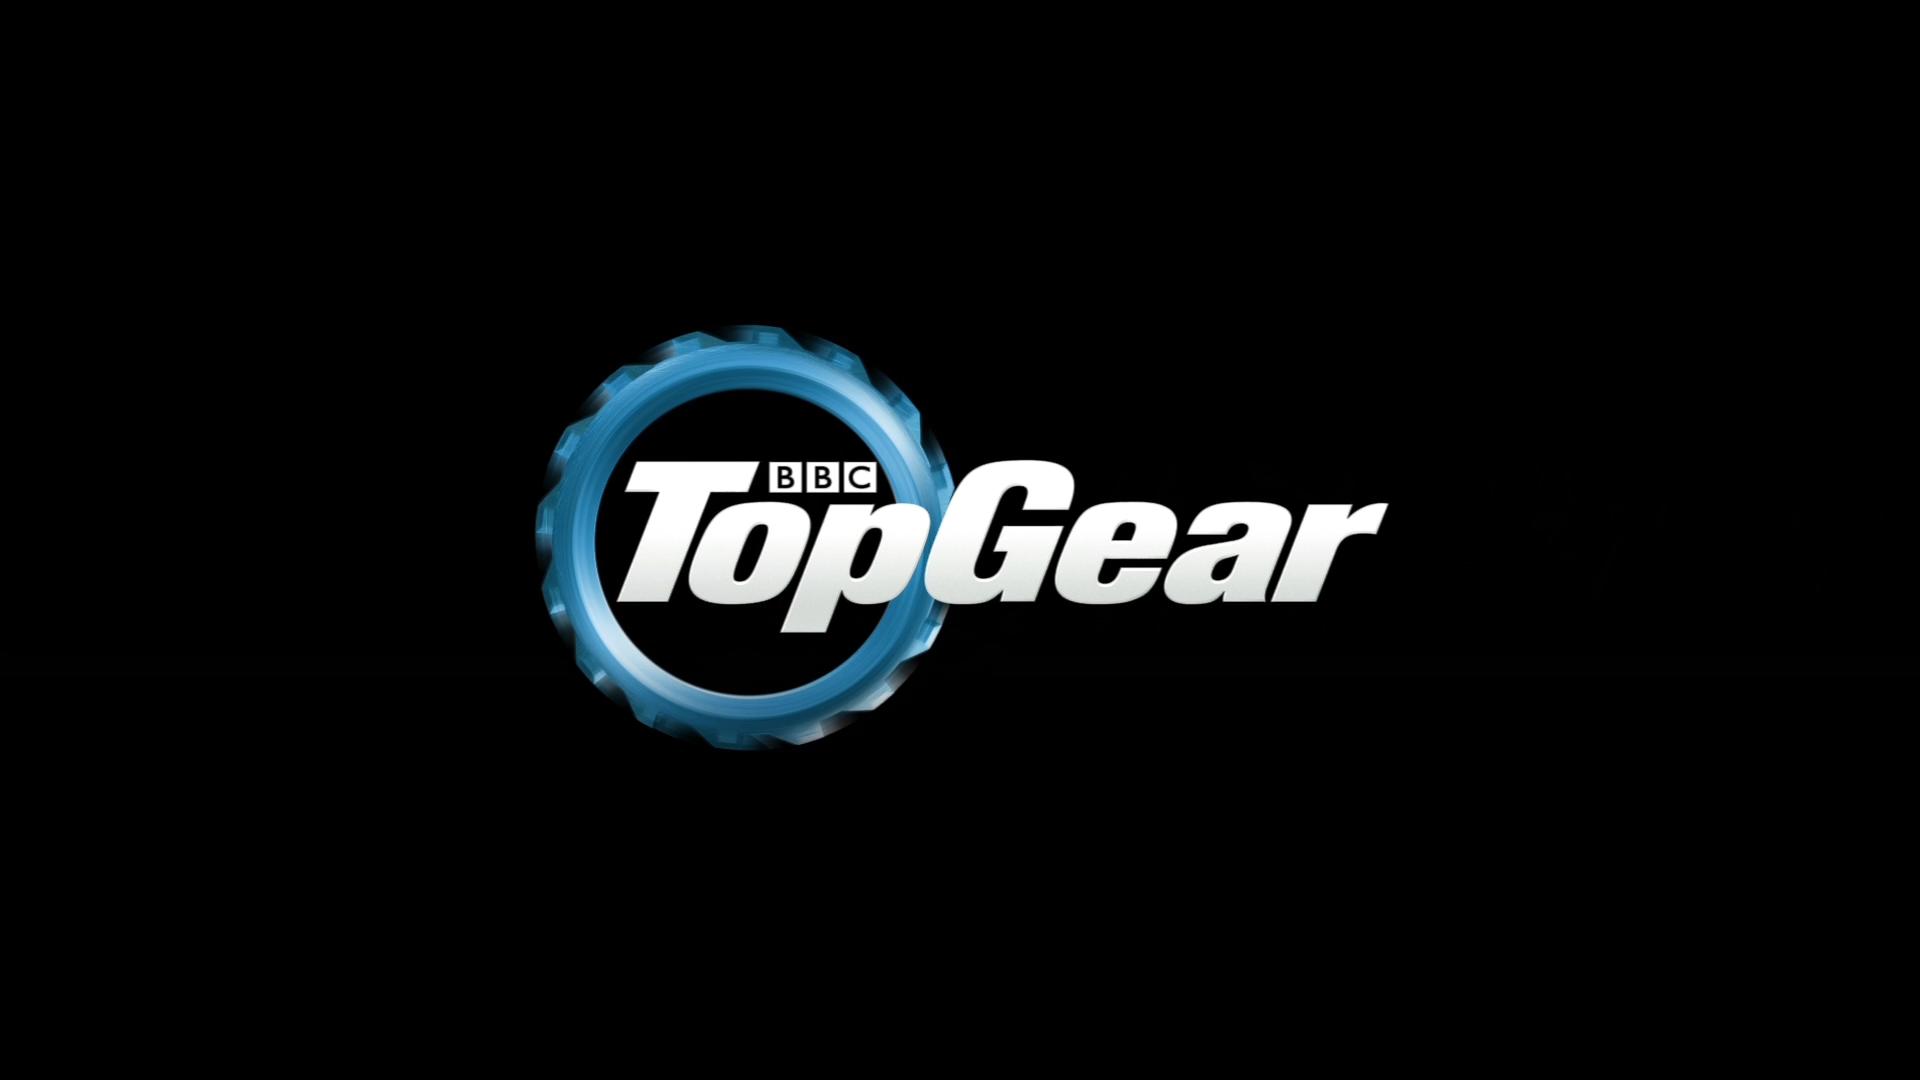 Top Gear: BBC dévoile une équipe de 6 animateurs